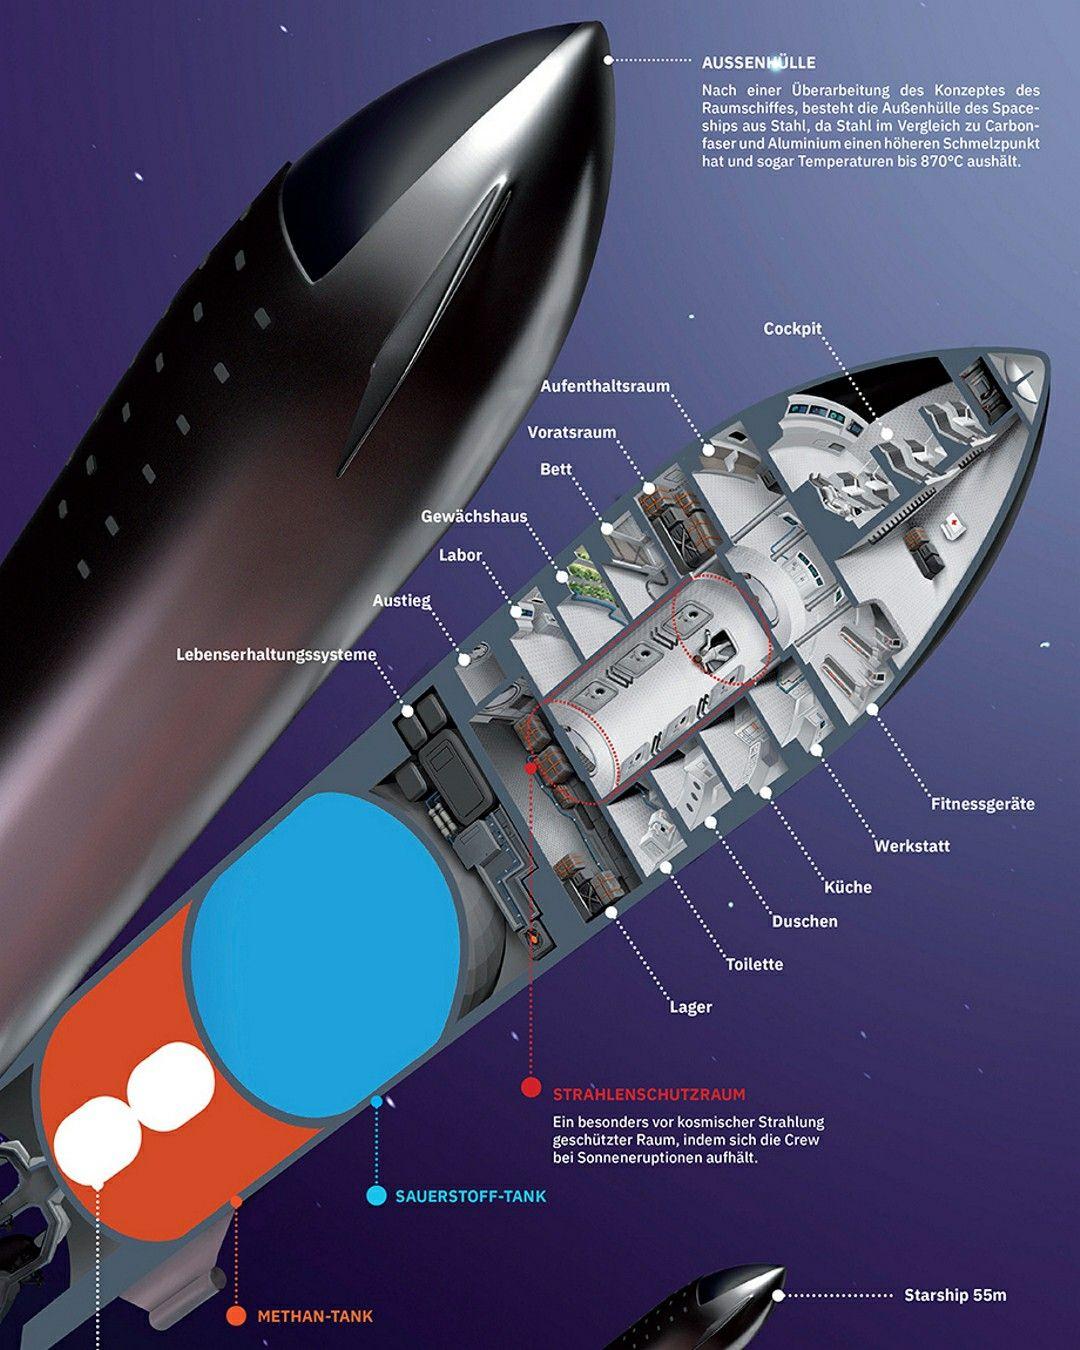 Pin on Astronomy/ Sci-Fi